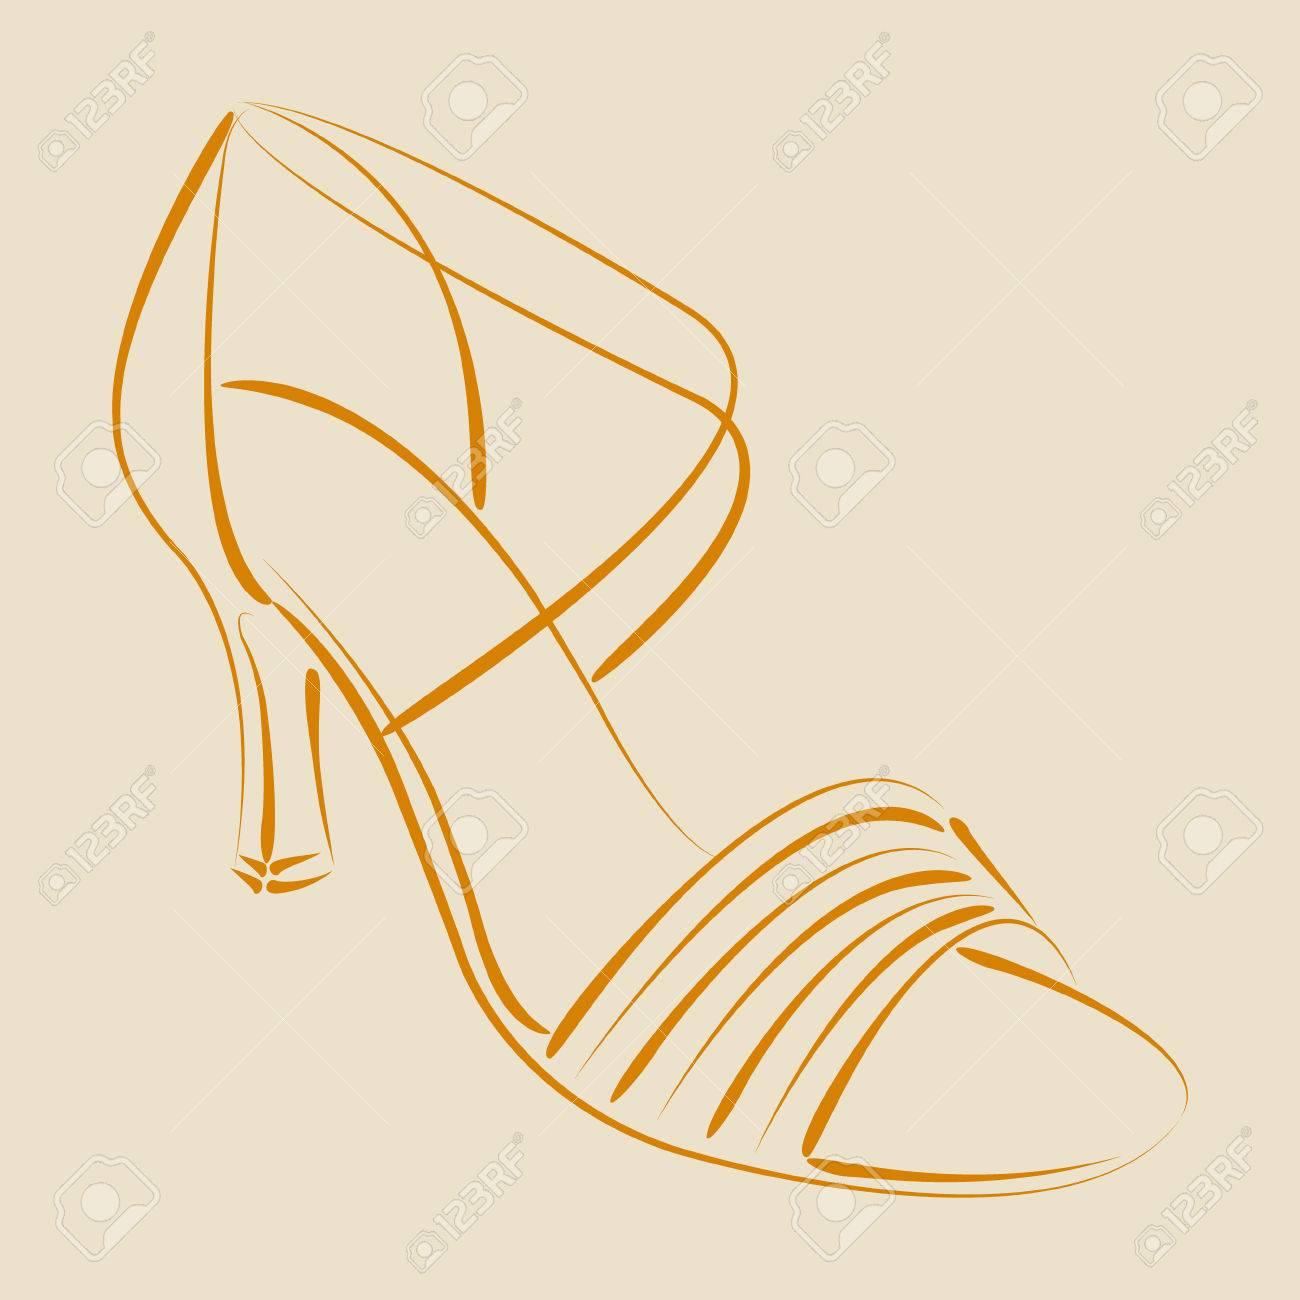 competitive price 99ab9 3106f Elegante scarpa donna abbozzato s. Scarpe di salsa. Sfondo può essere  facilmente rimosso. Modello di progettazione per l'etichetta, banner,  cartolina ...